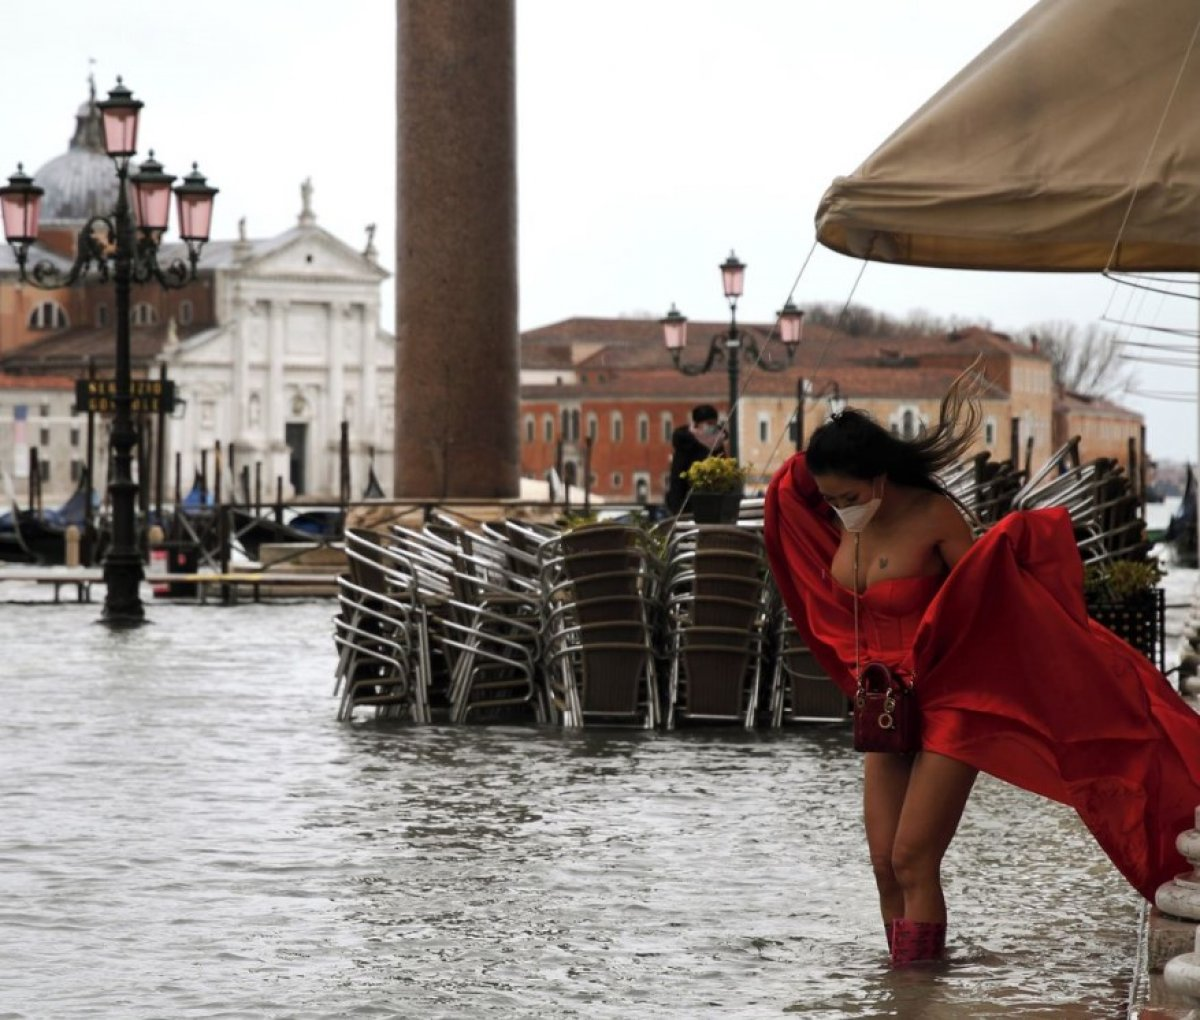 Venedik sular altında kaldı #11